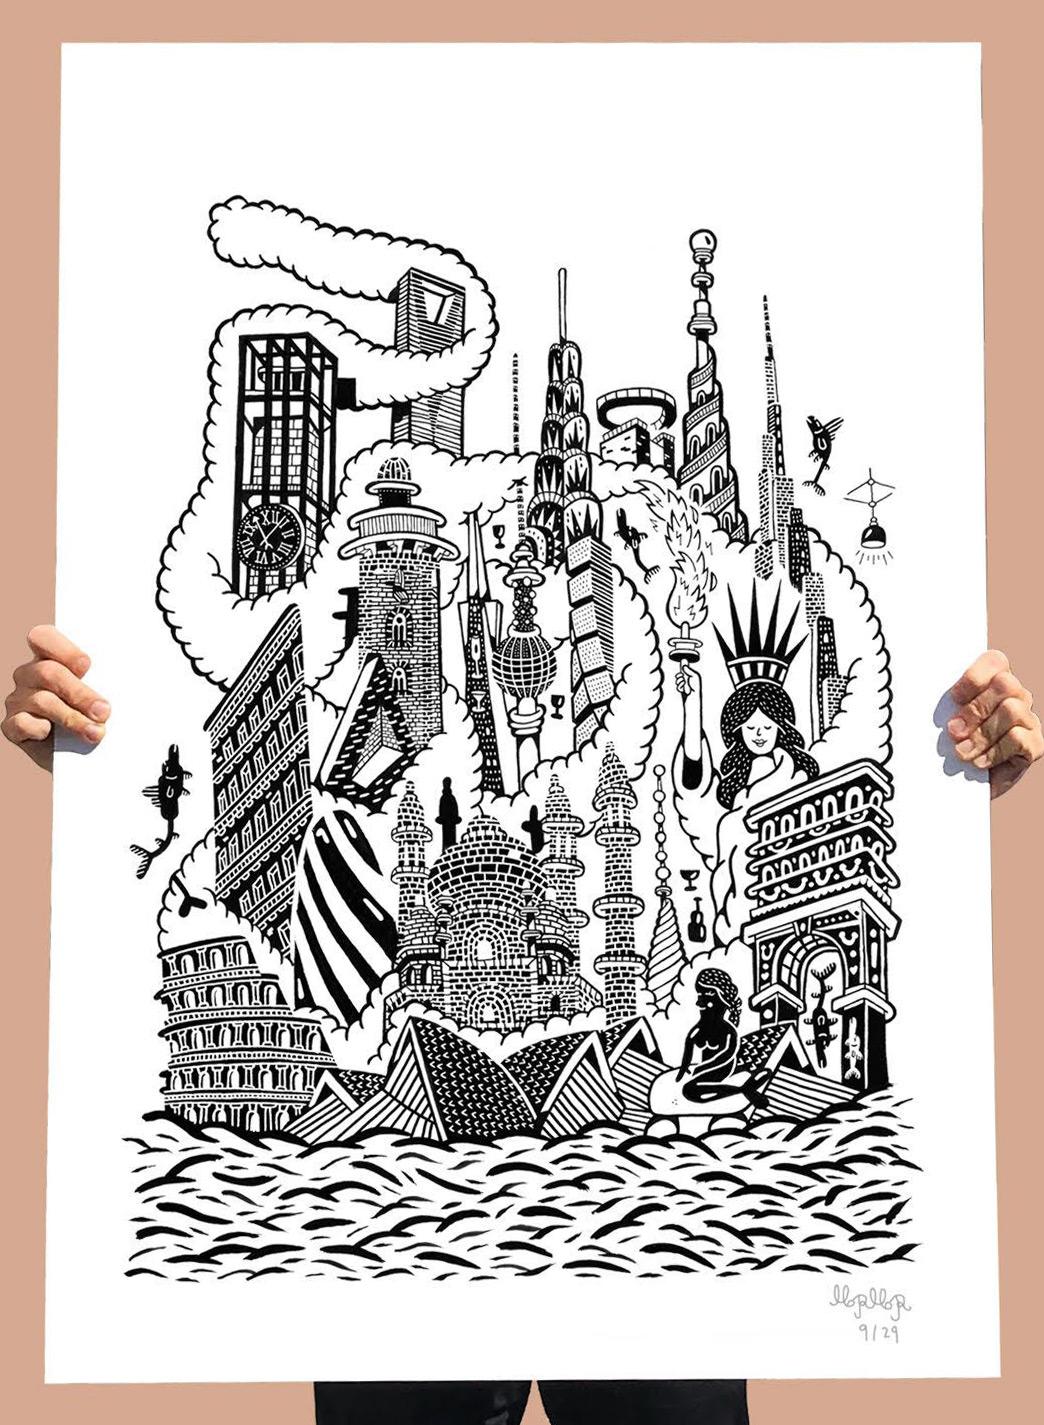 plakater-posters-kunsttryk, giclee-tryk, børnevenlige, figurative, grafiske, illustrative, landskab, pop, arkitektur, tegneserier, børn, humor, havet, sorte, hvide, blæk, papir, sjove, arkitektoniske, strand, sort-hvide, bygninger, kendte-personer, byer, samtidskunst, dekorative, design, have, interiør, bolig-indretning, moderne, moderne-kunst, Køb original kunst og kunstplakater. Malerier, tegninger, limited edition kunsttryk & plakater af dygtige kunstnere.